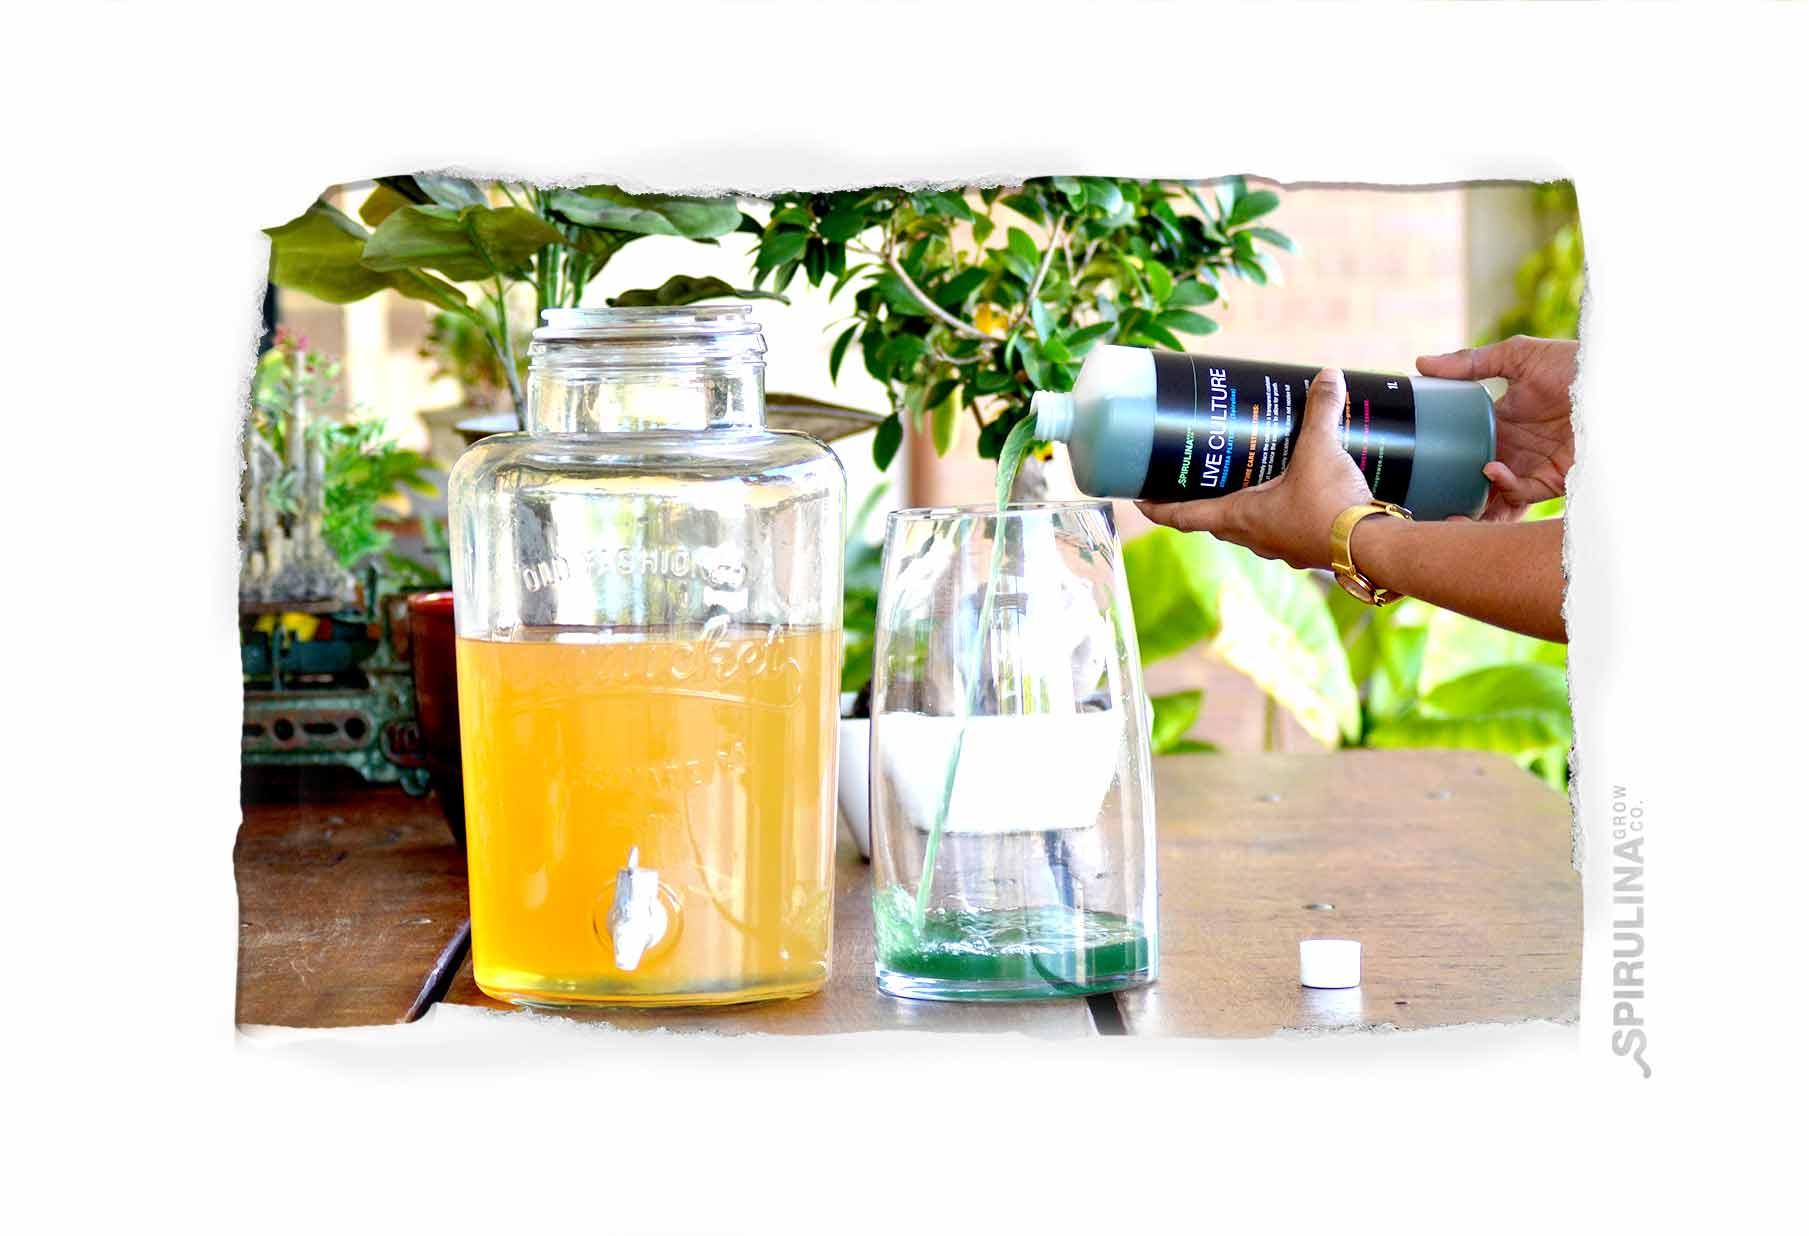 Setup tank o grow spirulina